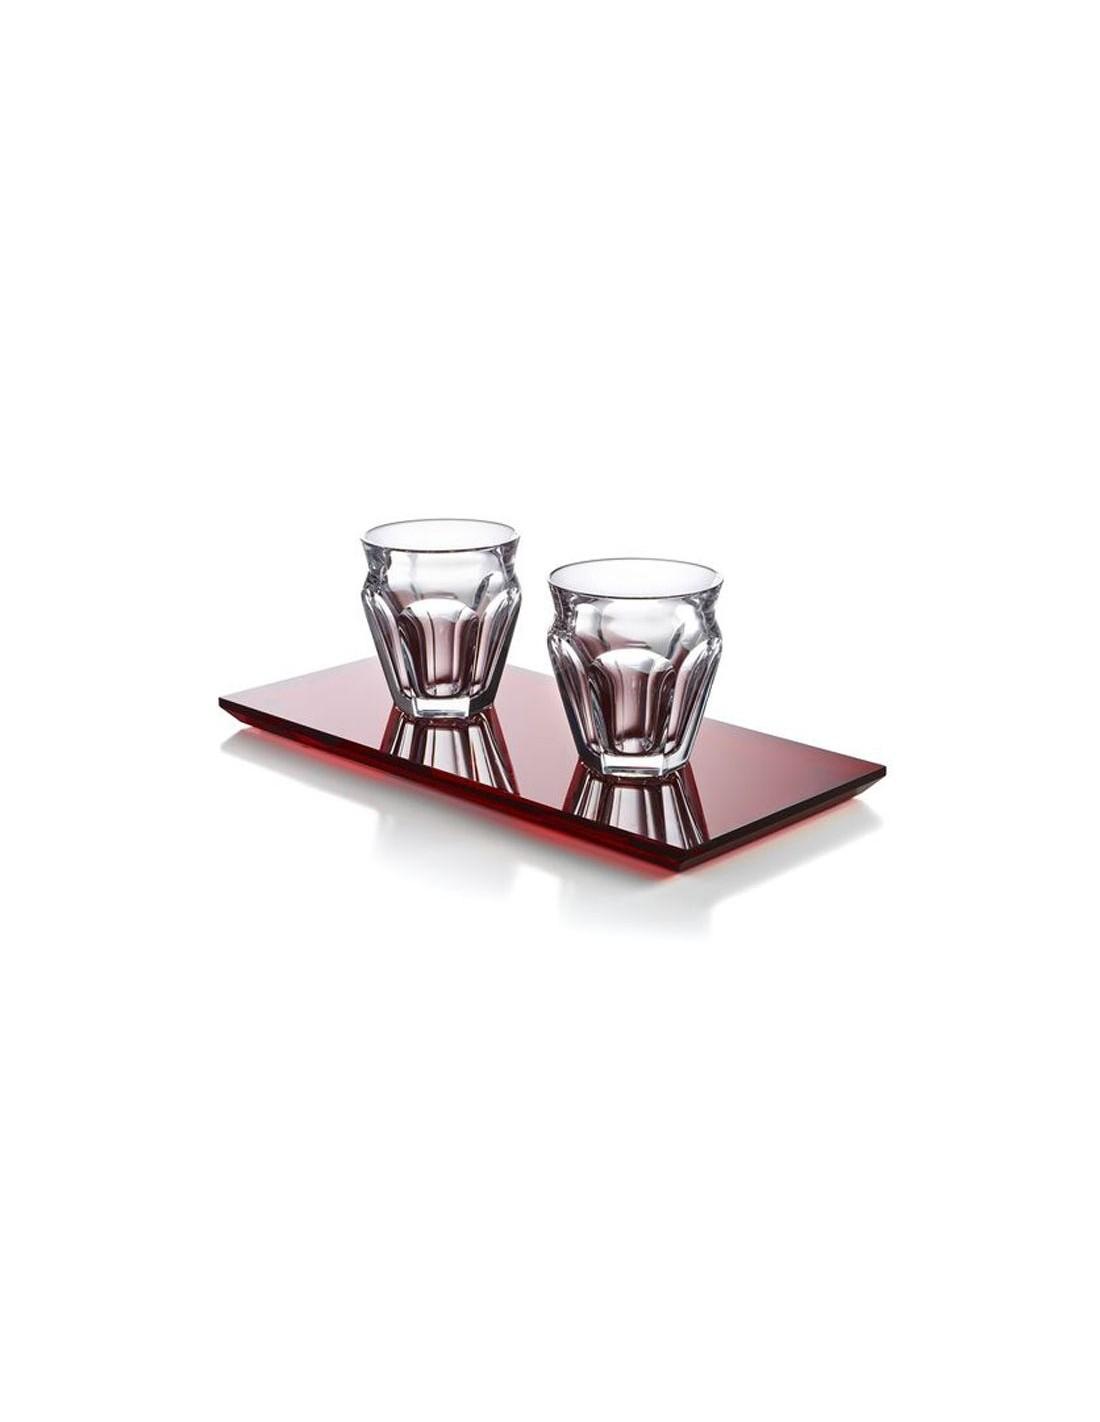 Lot de 2 tasses de café de la collection harcourt pour la marque Baccarat - Valente Design